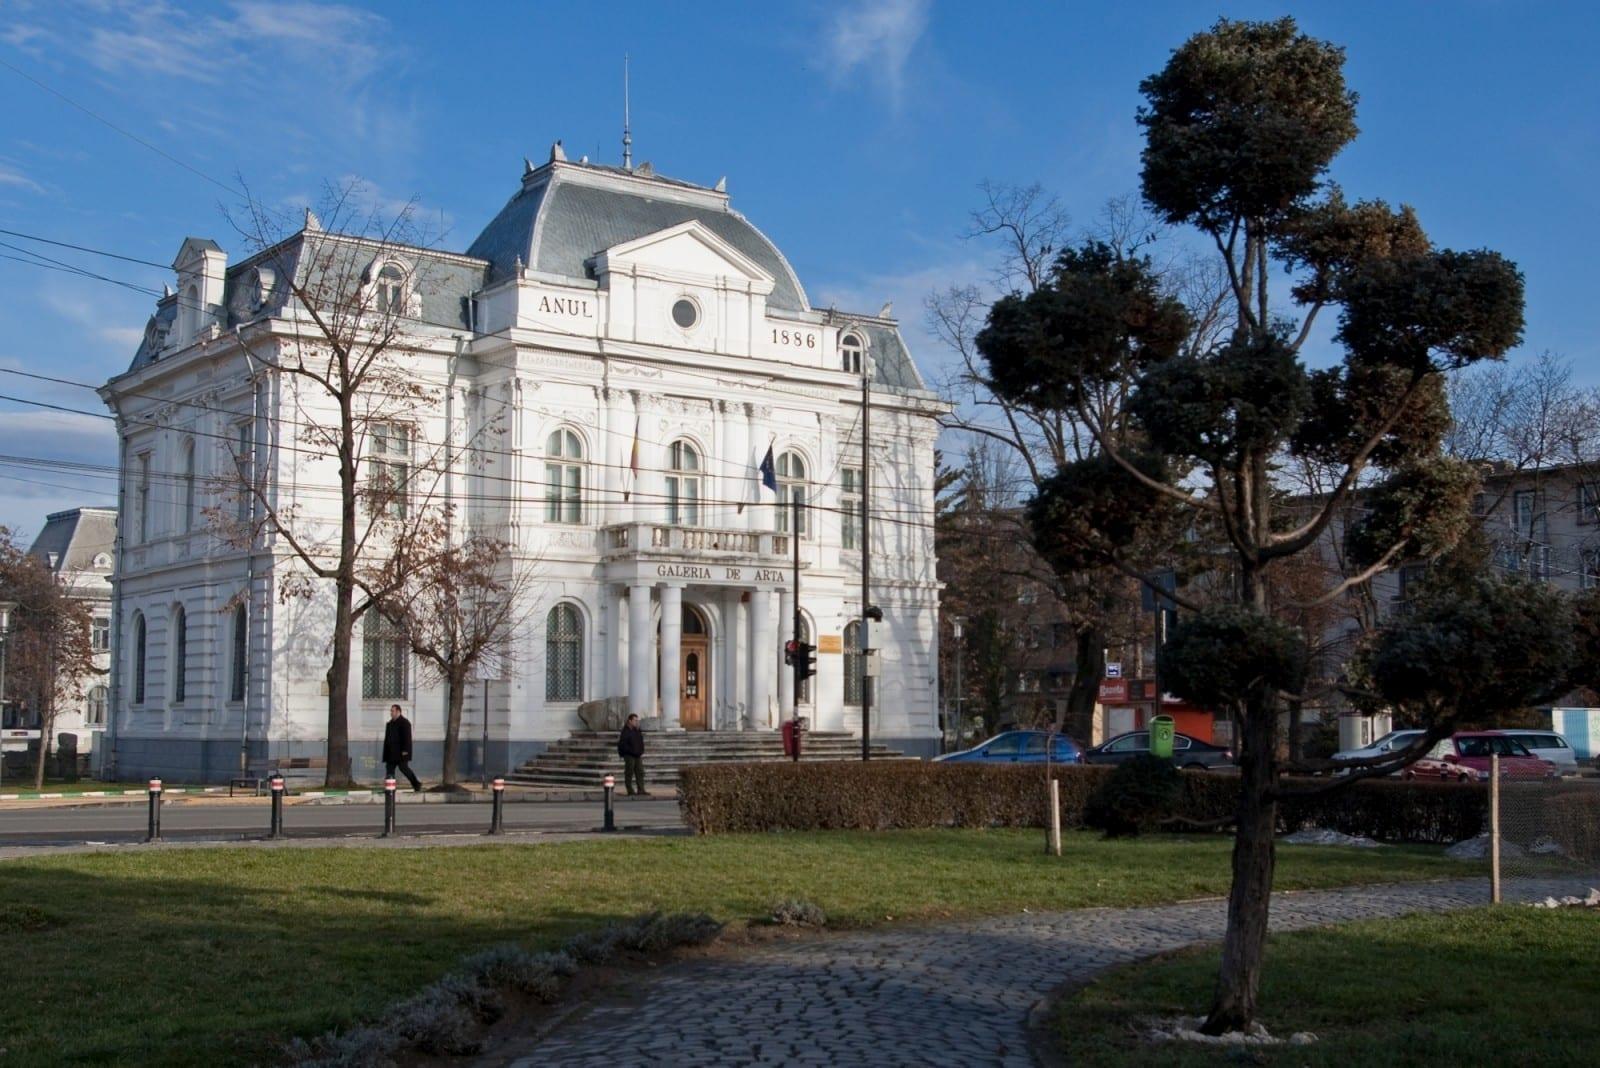 La Galería de Arte Rudolf Schweitzer-Cumpăna Pitesti Rumania